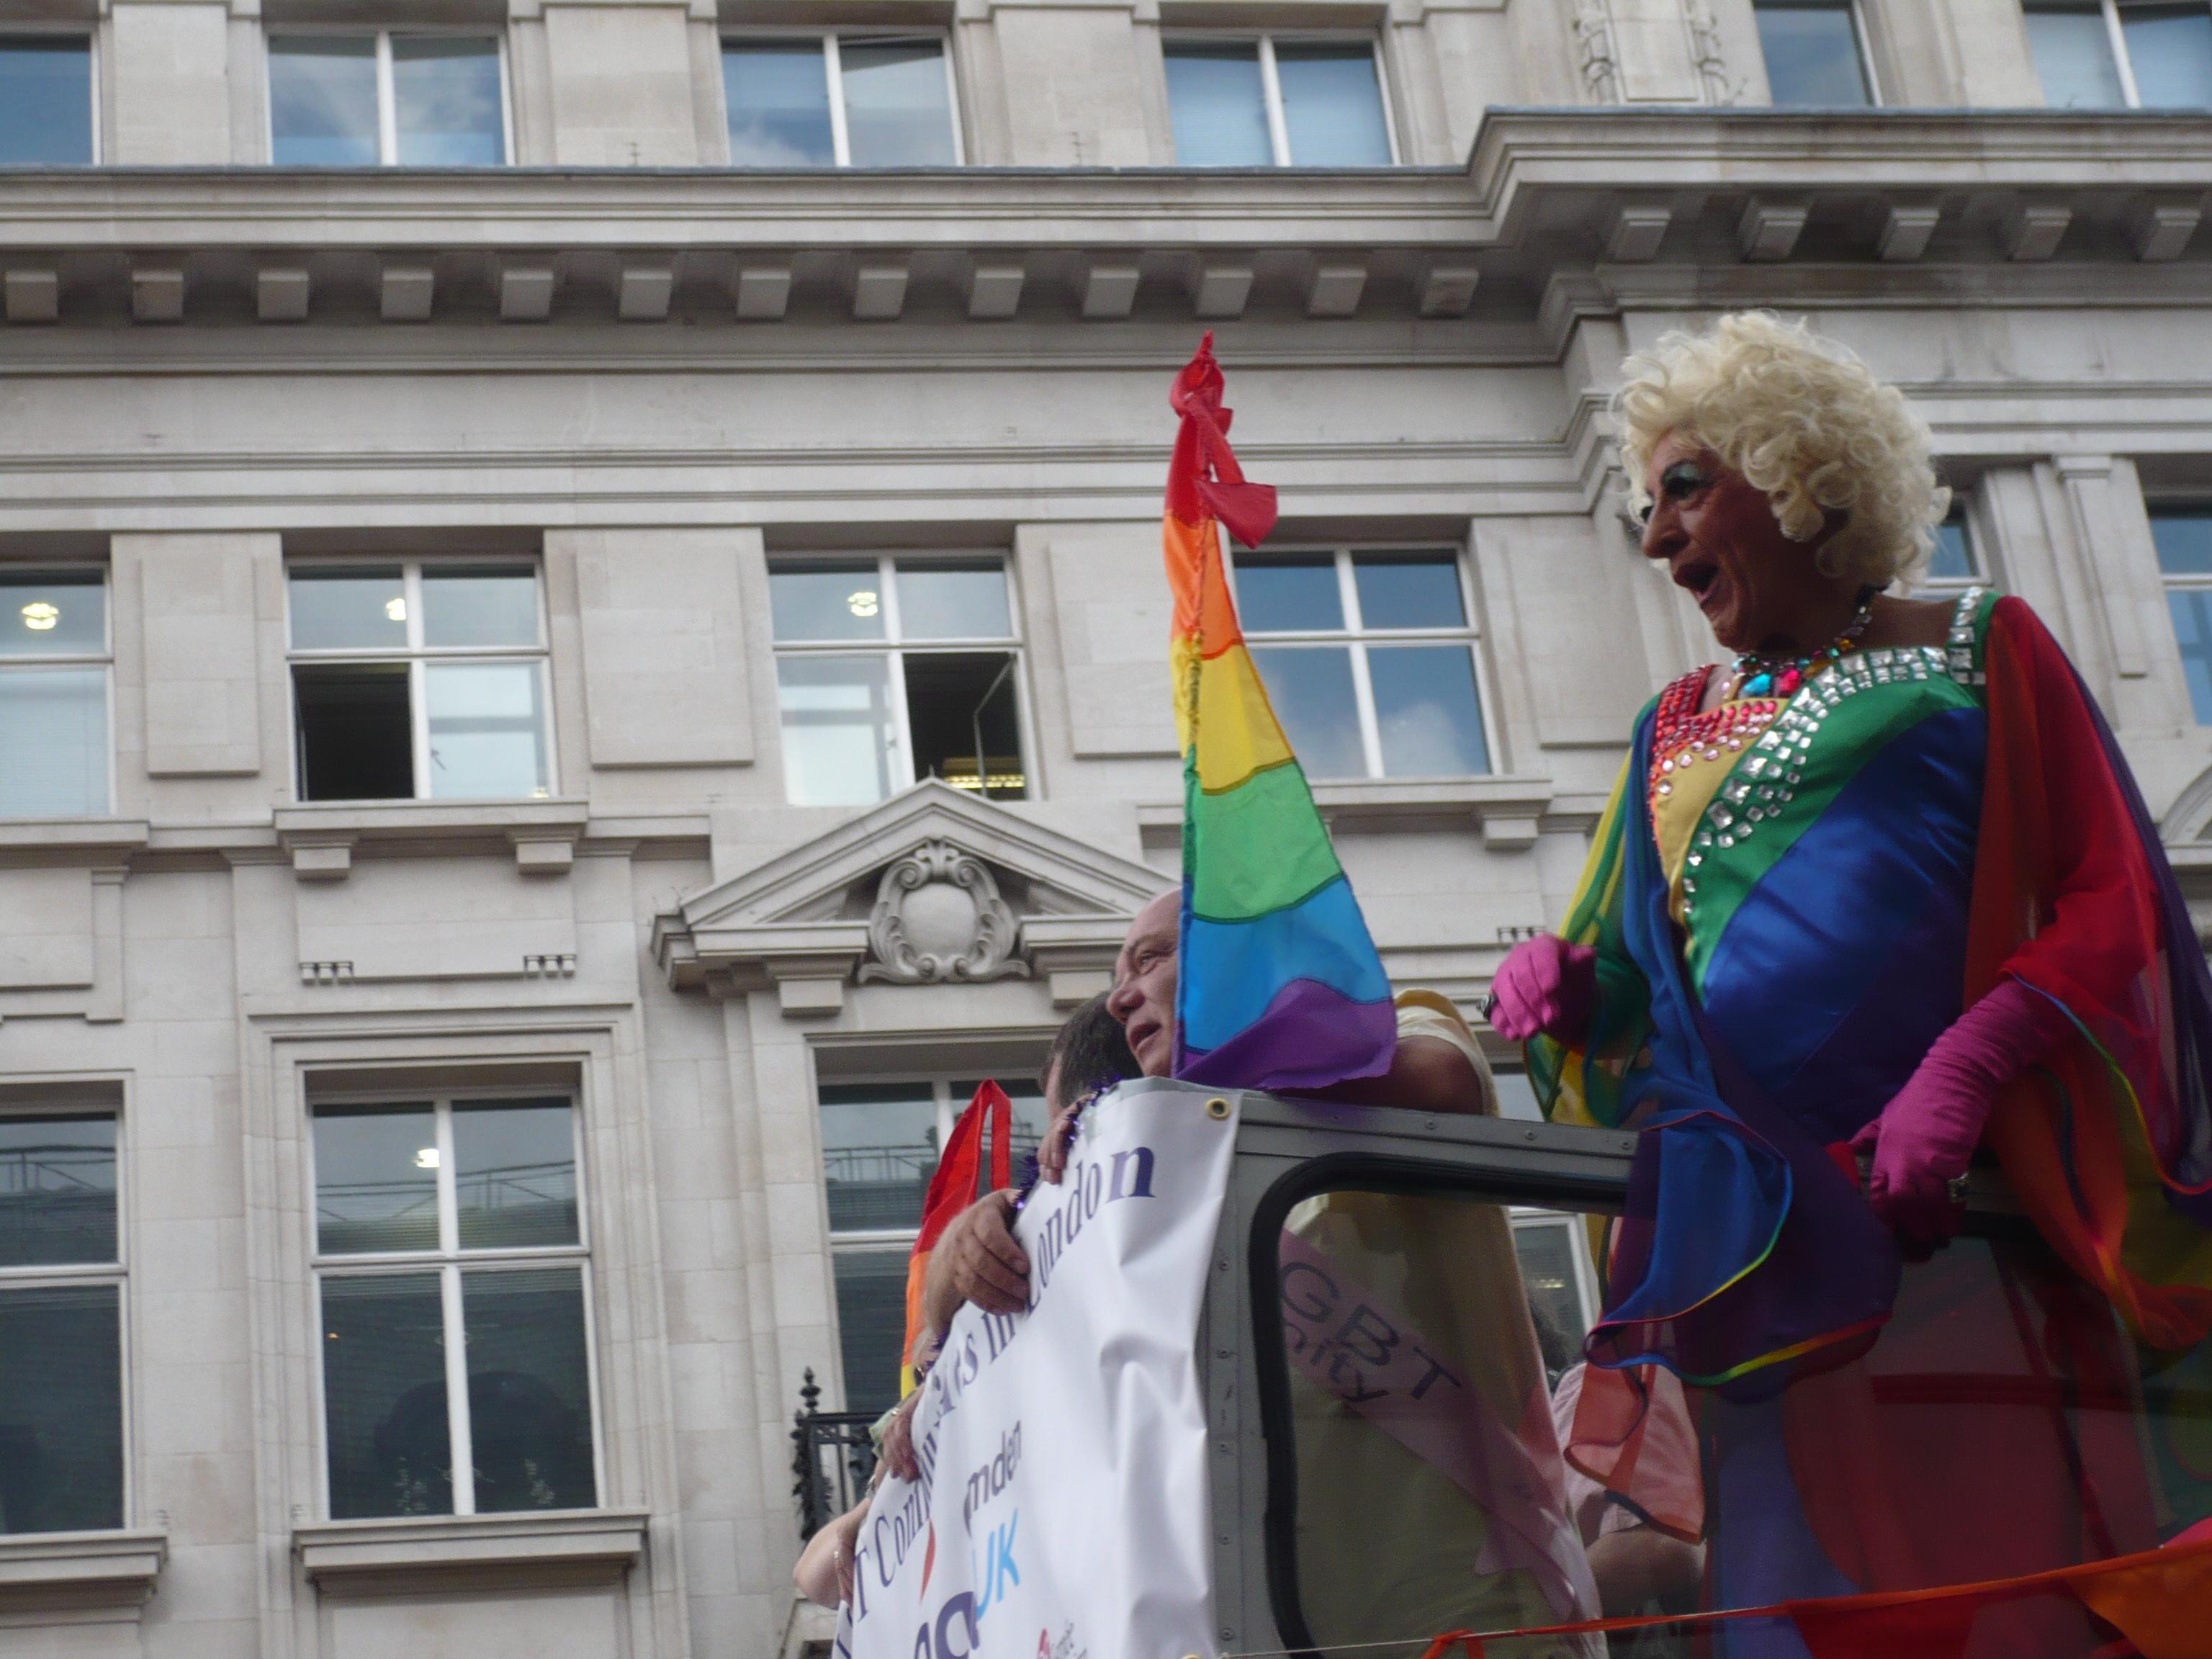 2011 Flickr pools Gay Pride Gay Pride Parades Gay Pride Parades & Events Pride London 2011 UNISON Pride London 2011 Flickr tags Gay Pride London 2011